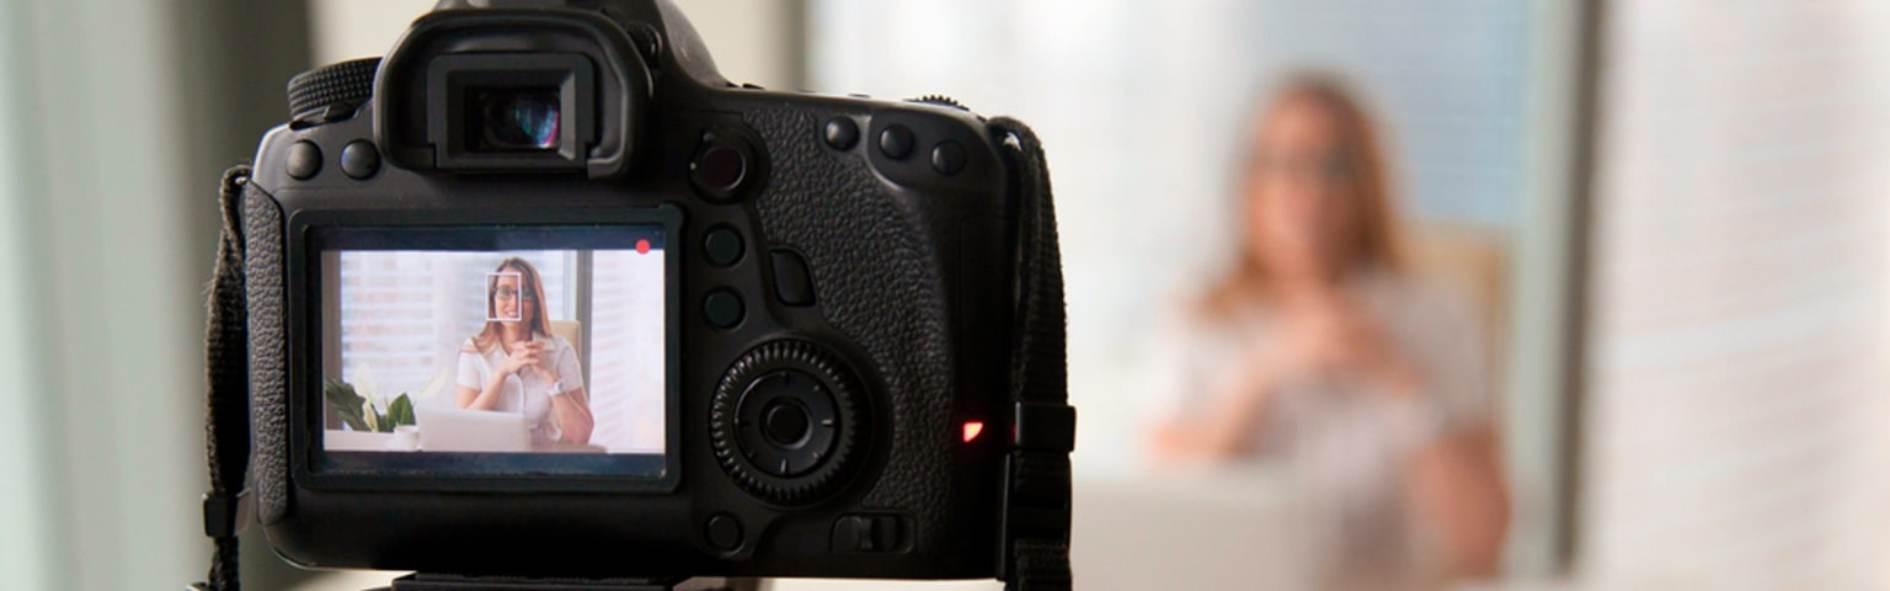 Conoce el videomarketing y los motivos por lo que debes implementarlo en tu negocio